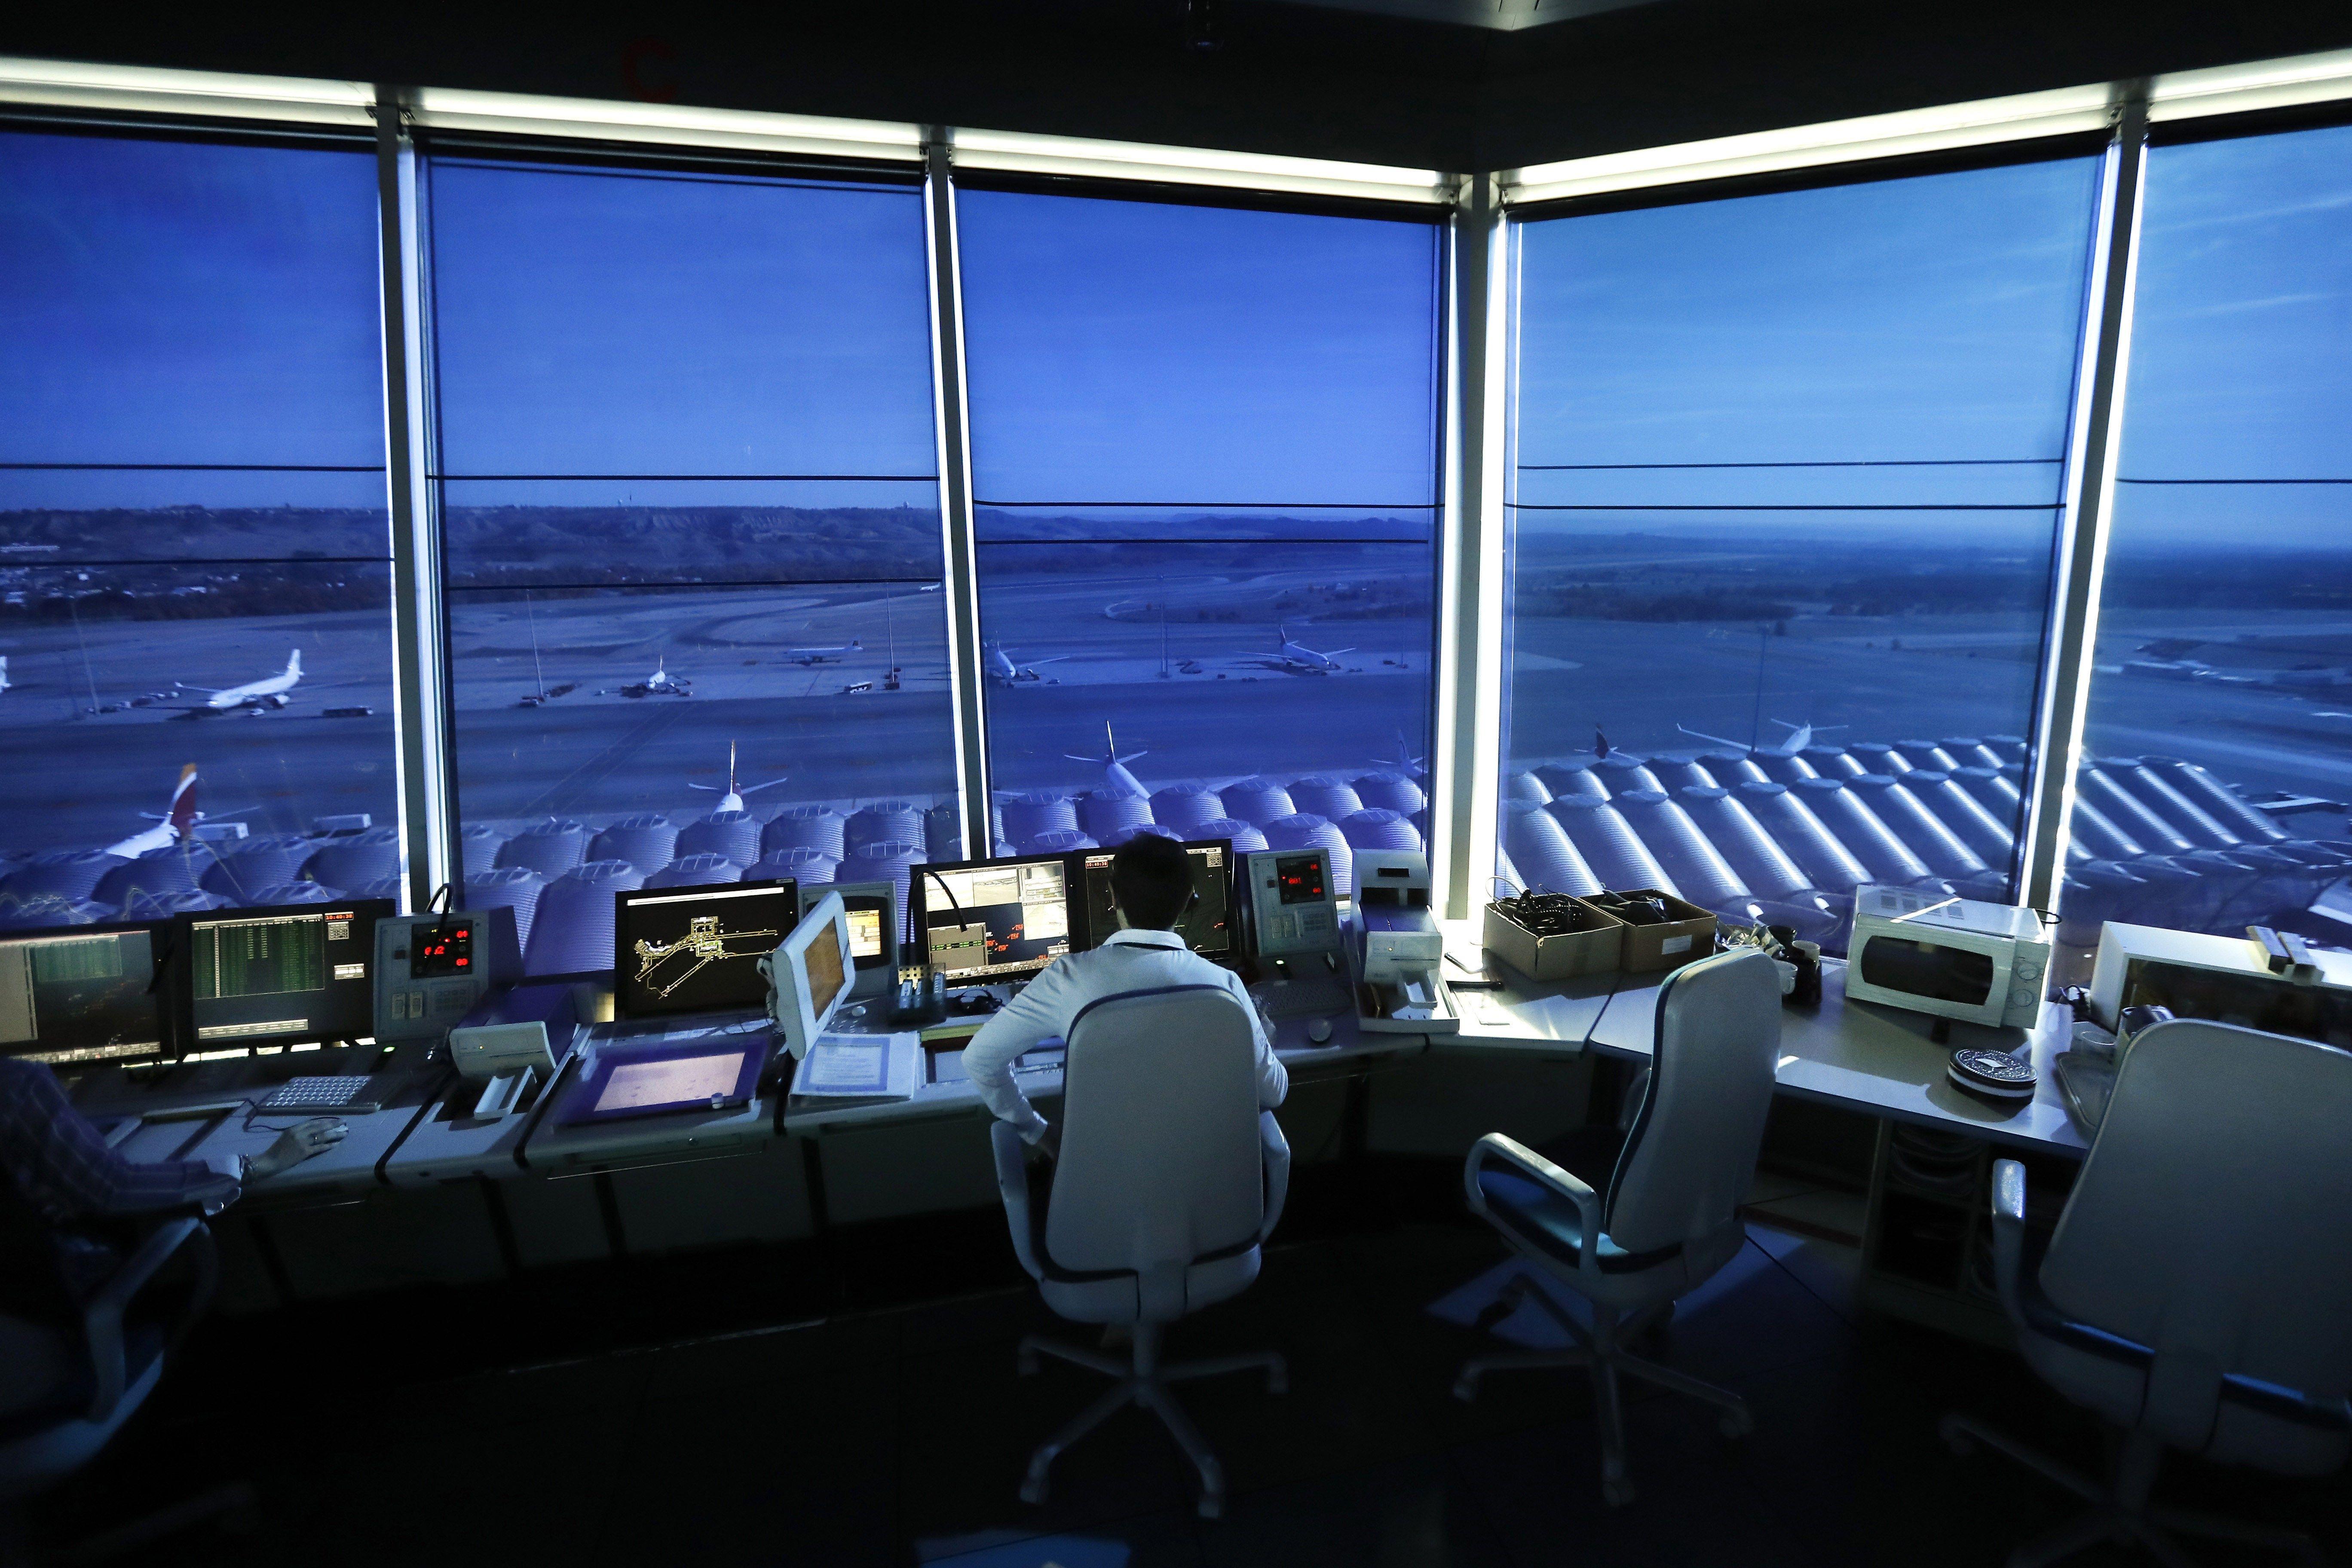 Enaire, gestor de navegació aèria a Espanya, ha rebut fins ara 900 sol·licituds per a la convocatòria de 130 places de controladors que té oberta fins al pròxim 24 de novembre. /JUAN CARLOS HIDALGO